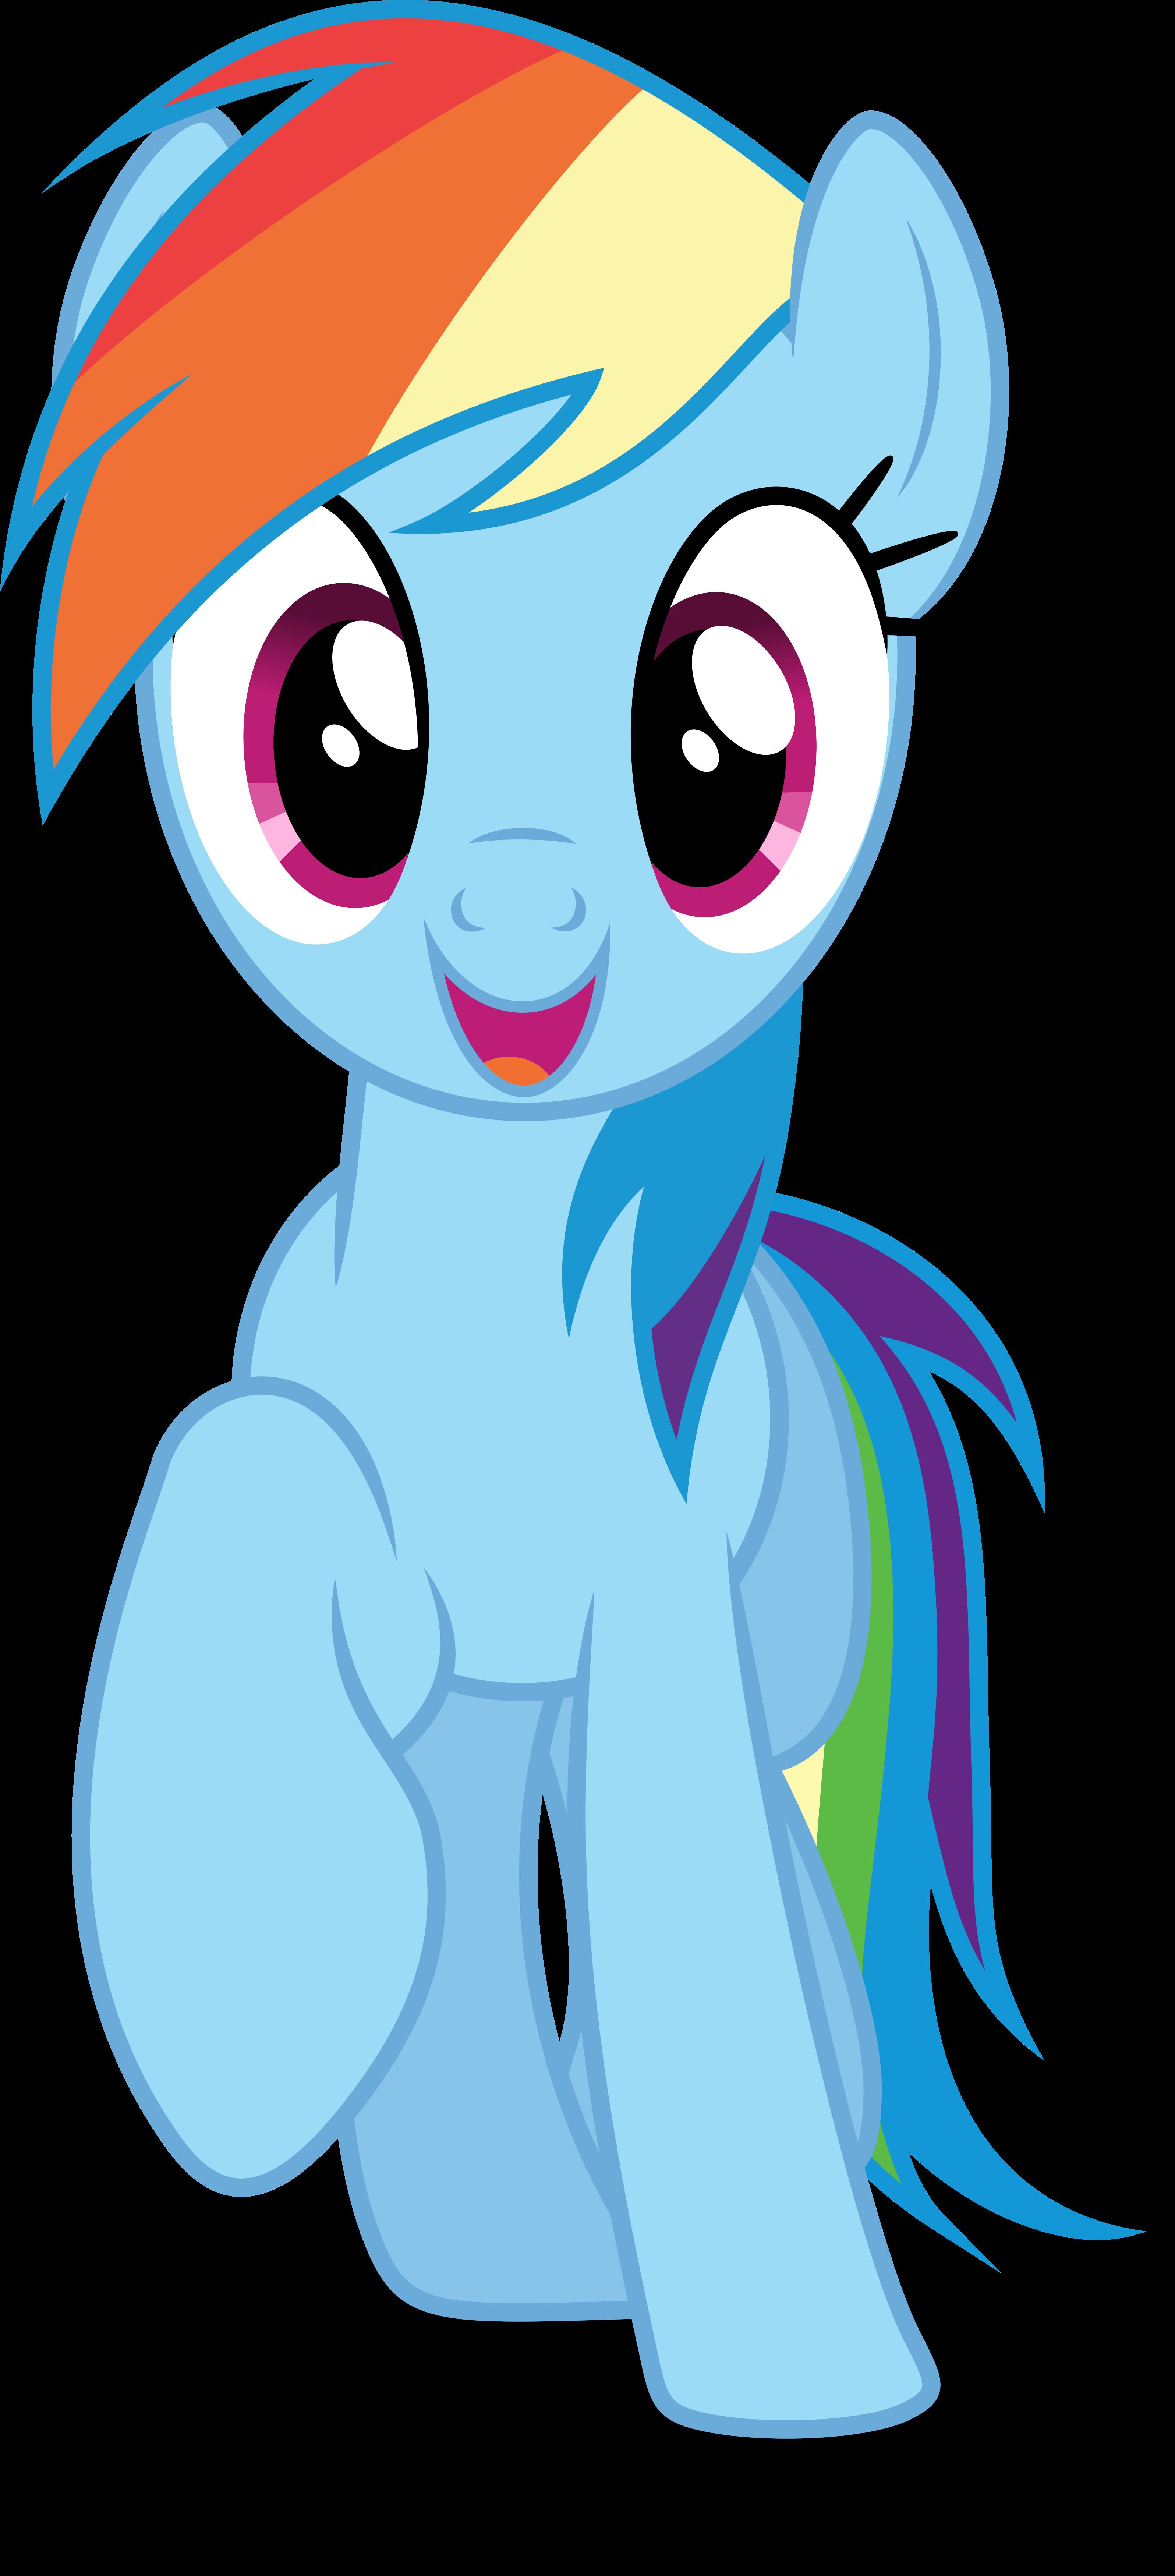 Mlp Fim Rainbow Dash () vector #3 by luckreza8 on